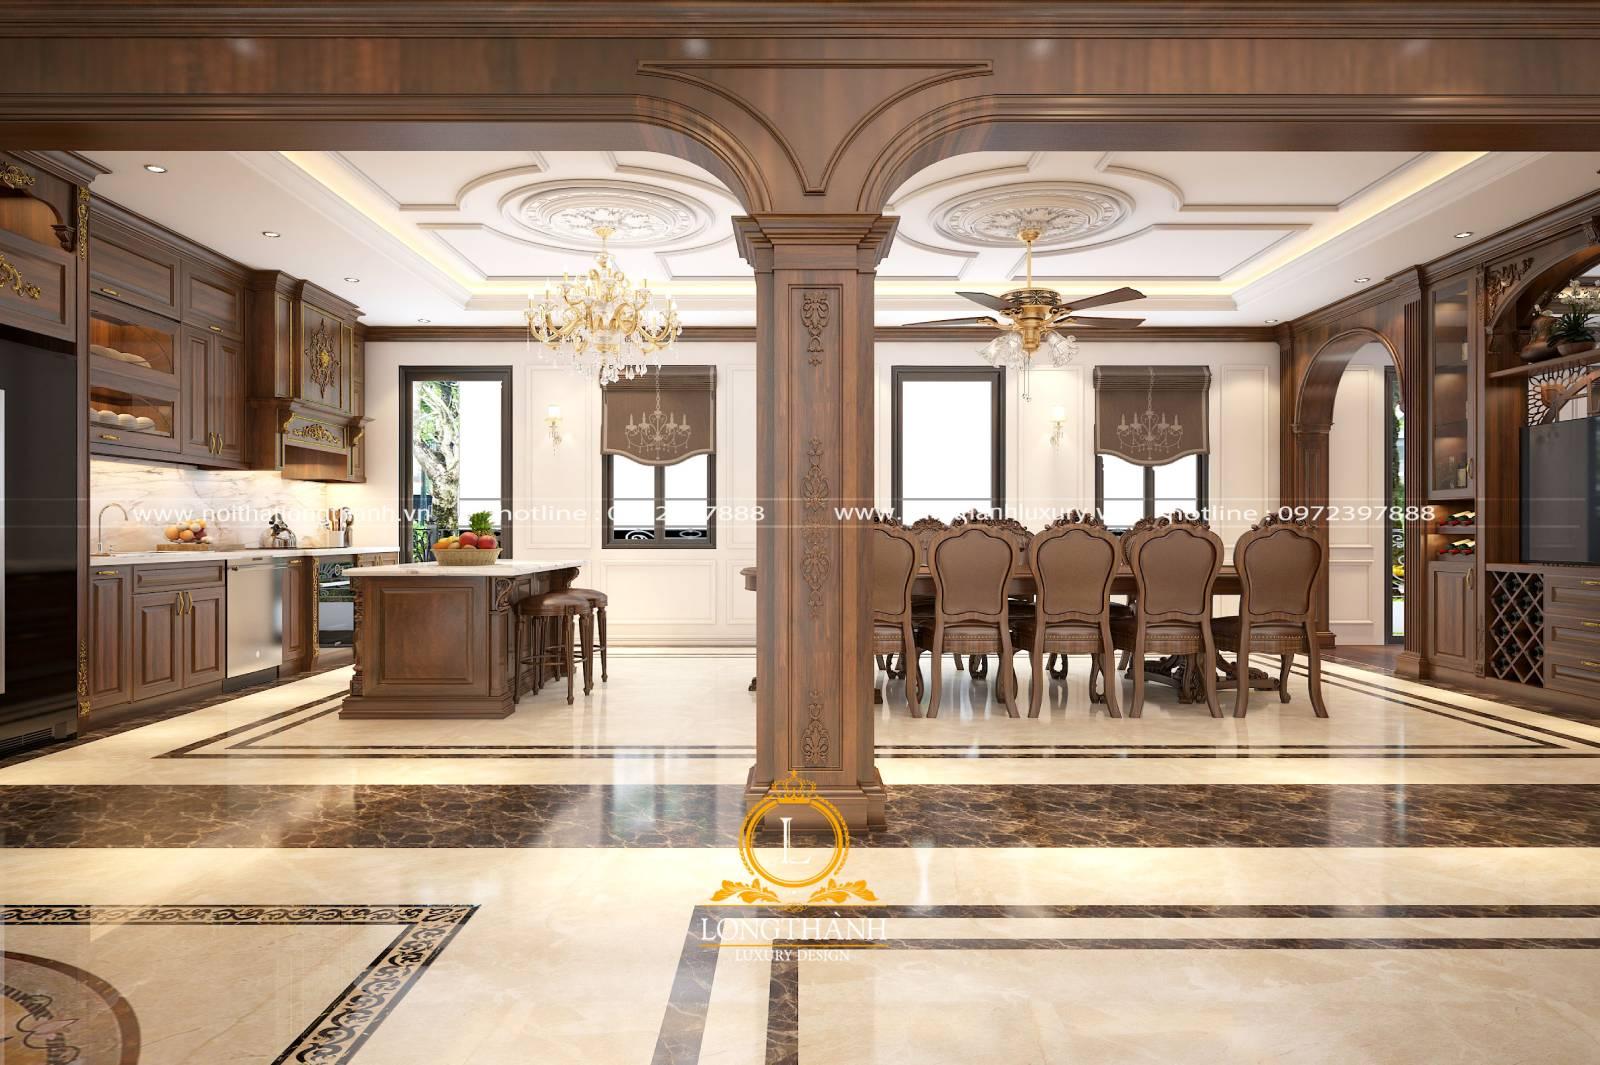 Tổng thể phòng bếp cho nhà biệt thự rộng với mẫu tủ bếp chữ I gỗ Gõ